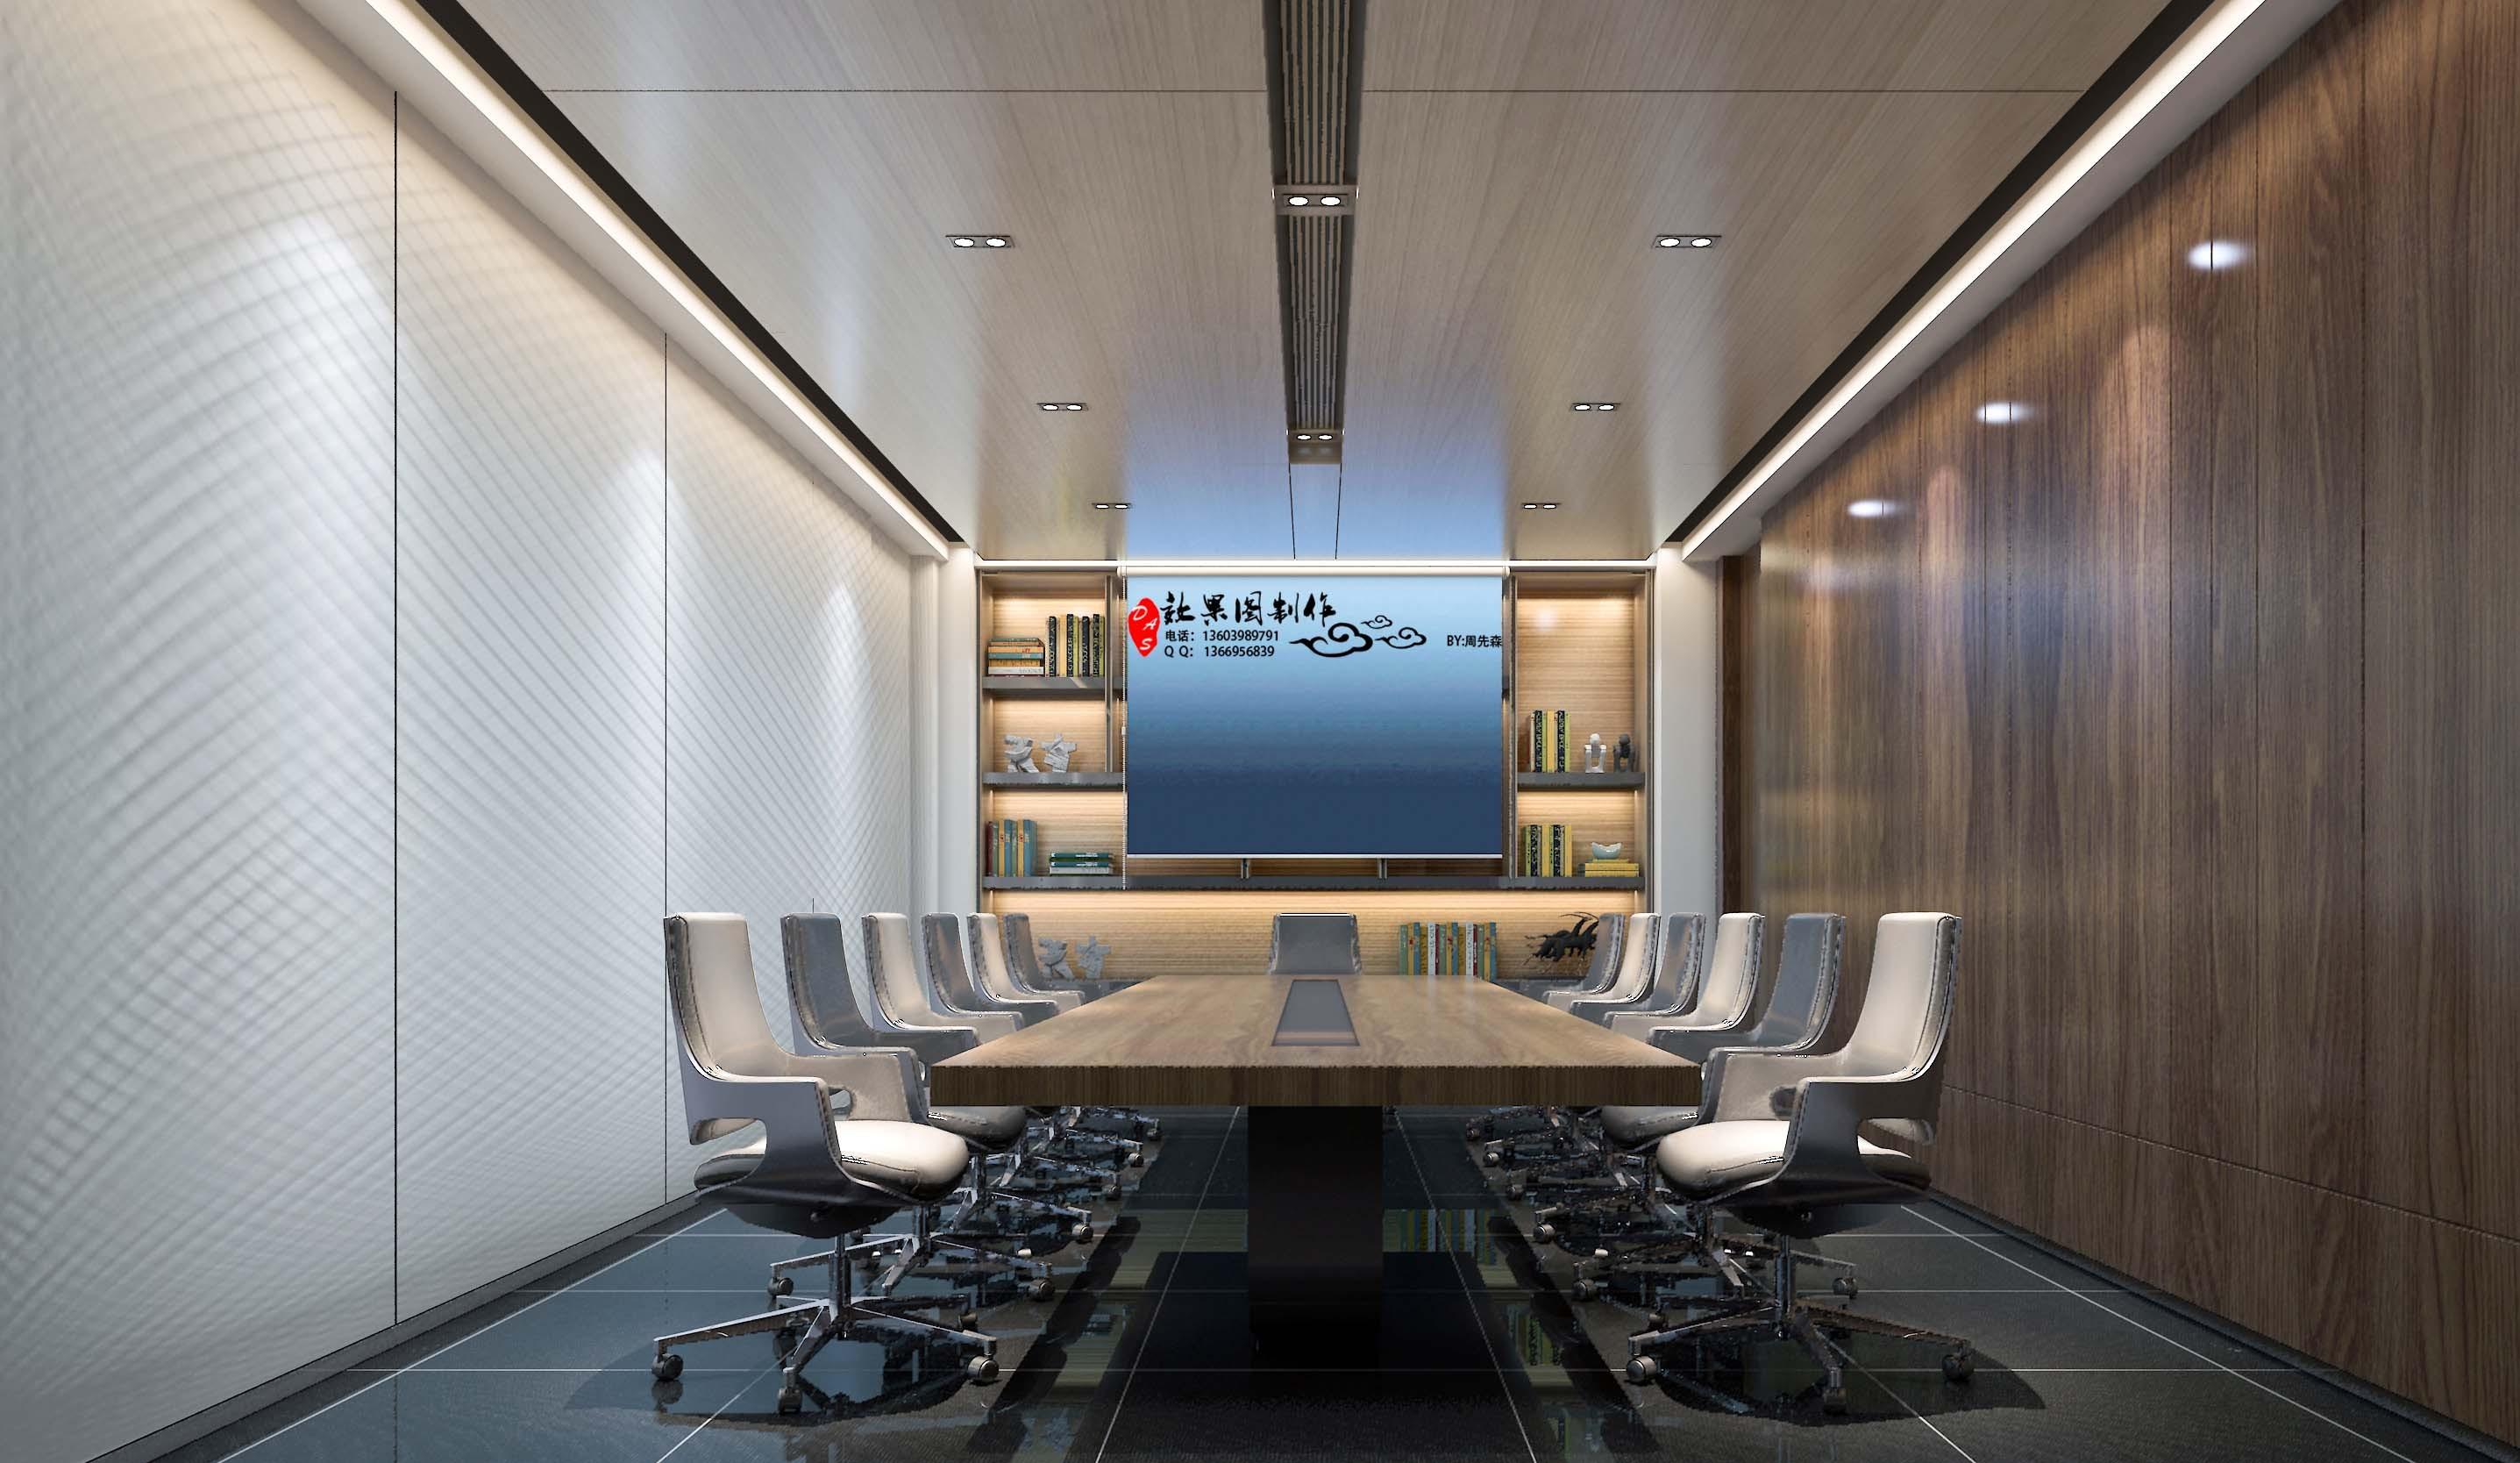 一套办公室会议室的效果图肯定不是loft的图片